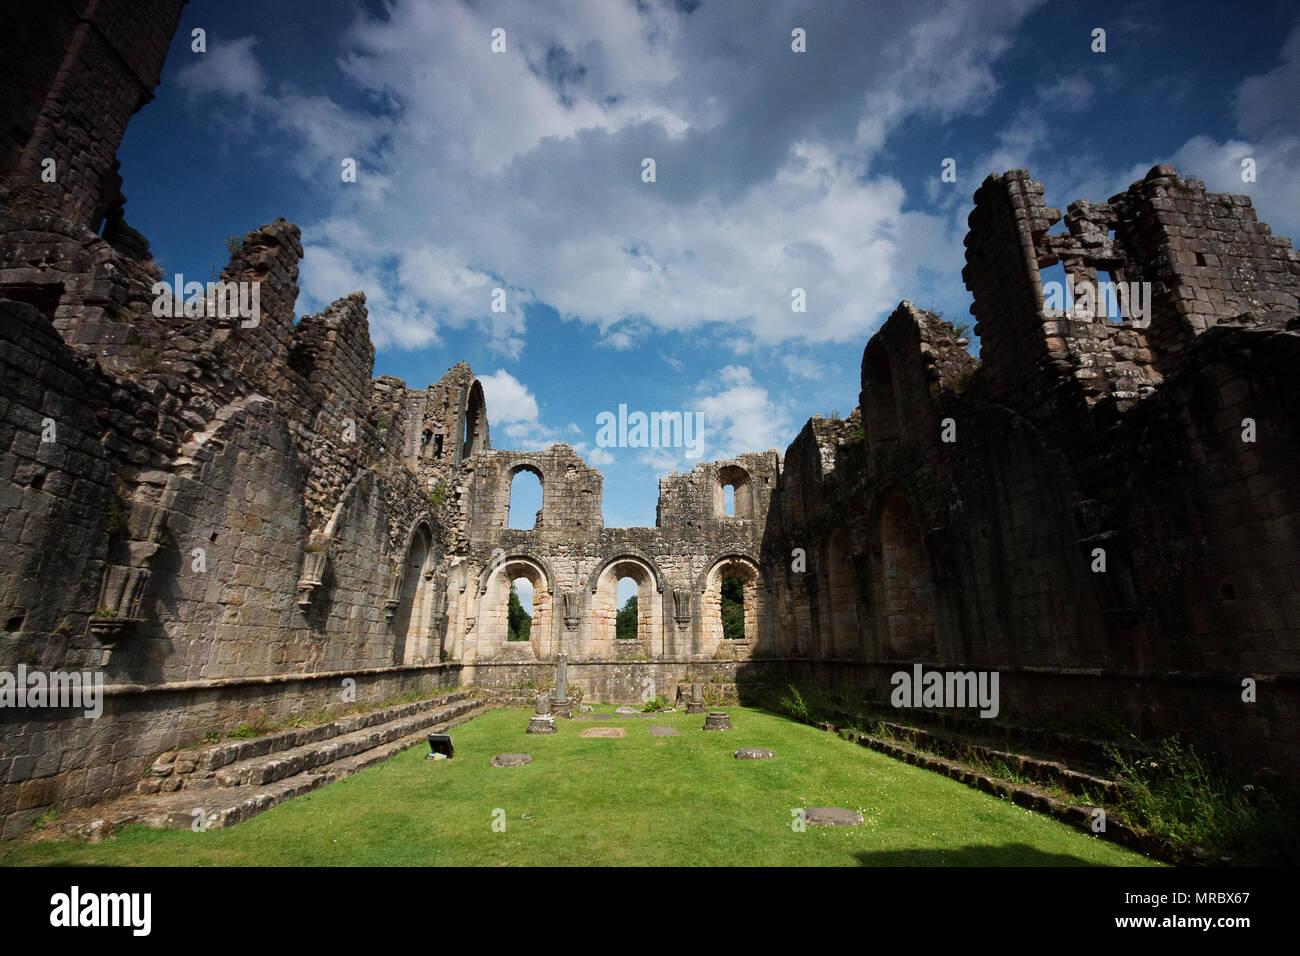 Cour intérieure-comme l'intérieur du monastère en ruines de l'abbaye de Fountains, Ripon, UK Photo Stock